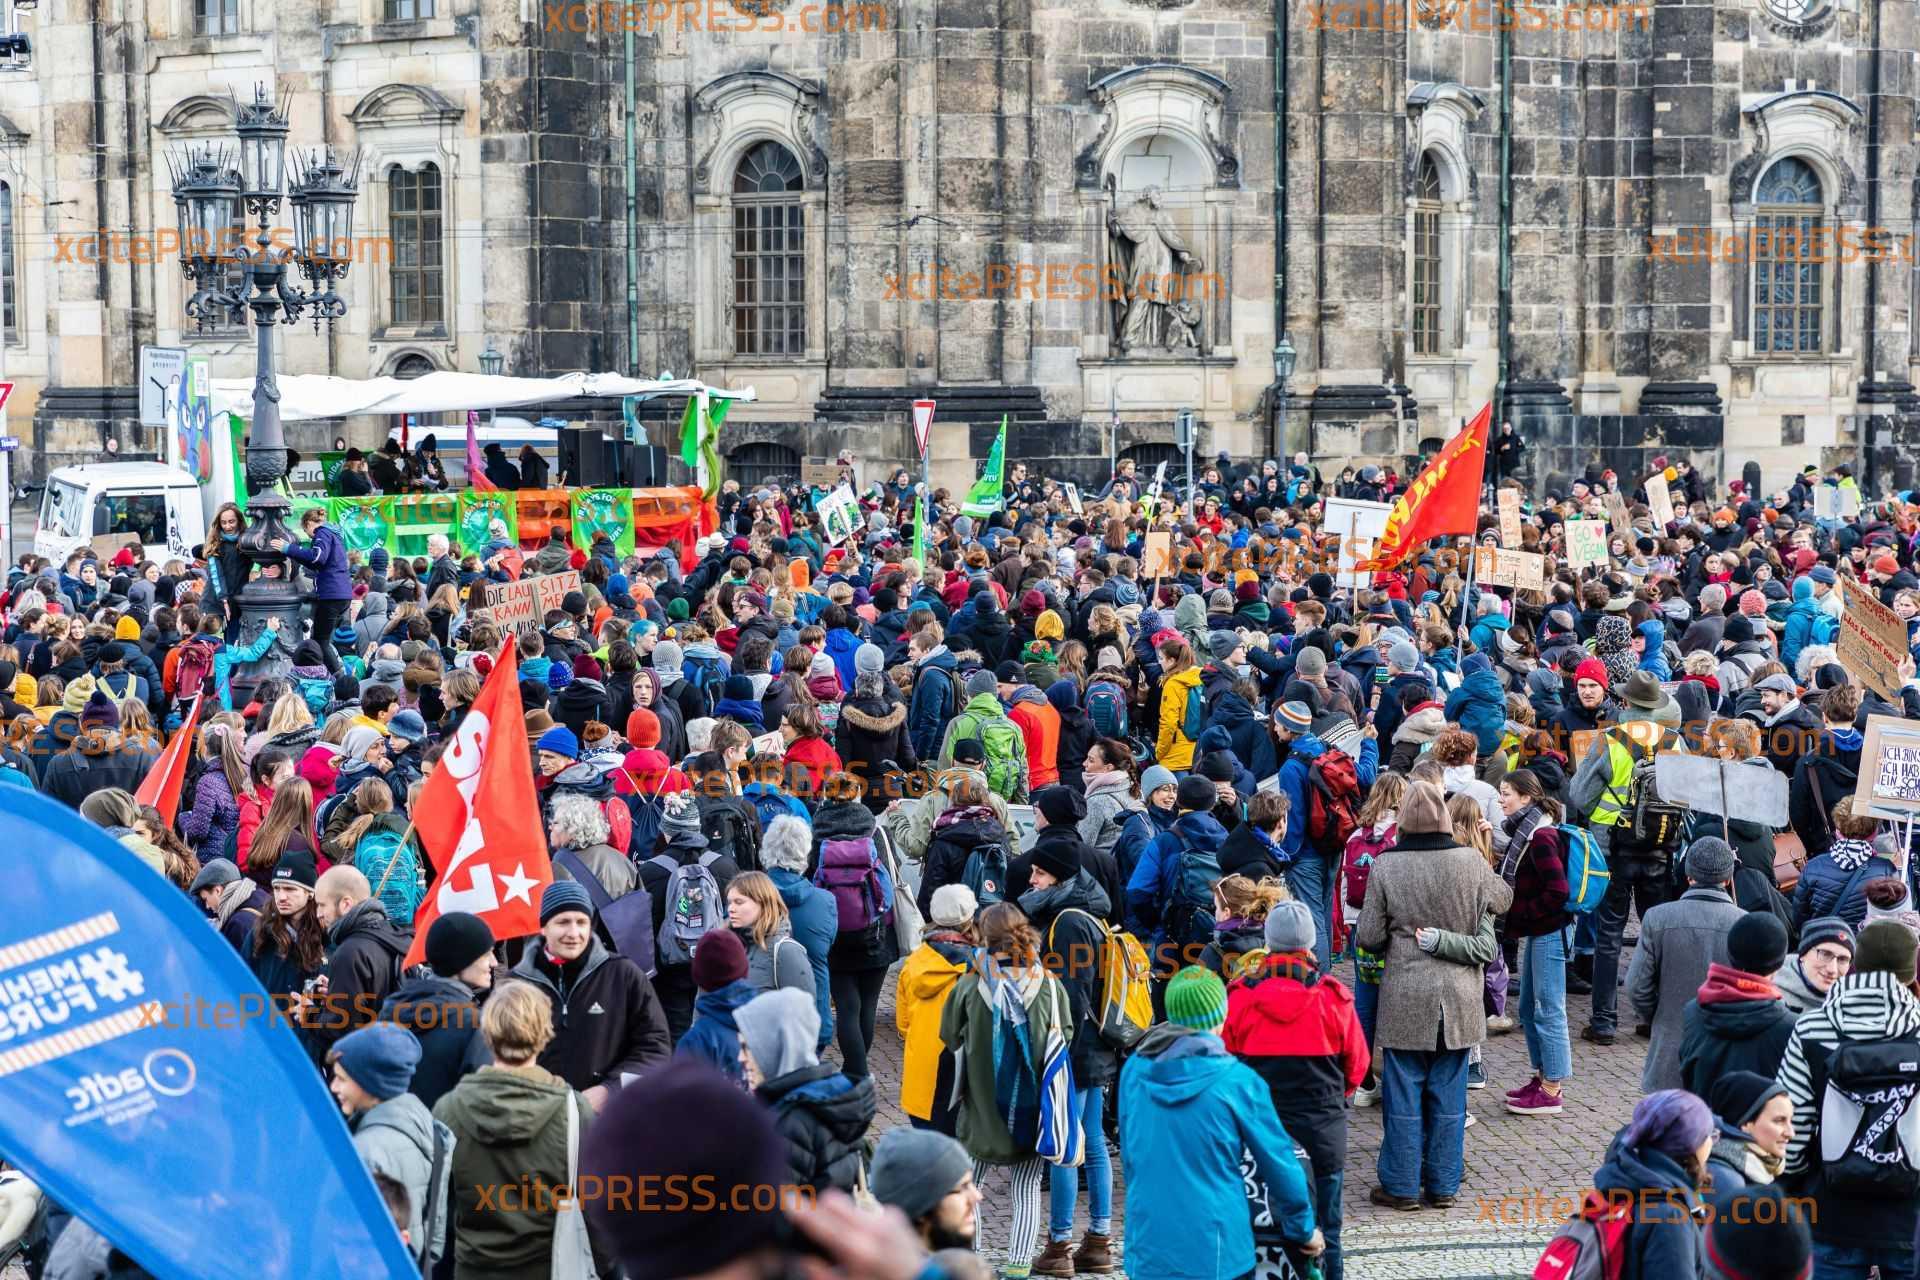 Tausende Teilnehmer bei Klimastreik auf der Straße: